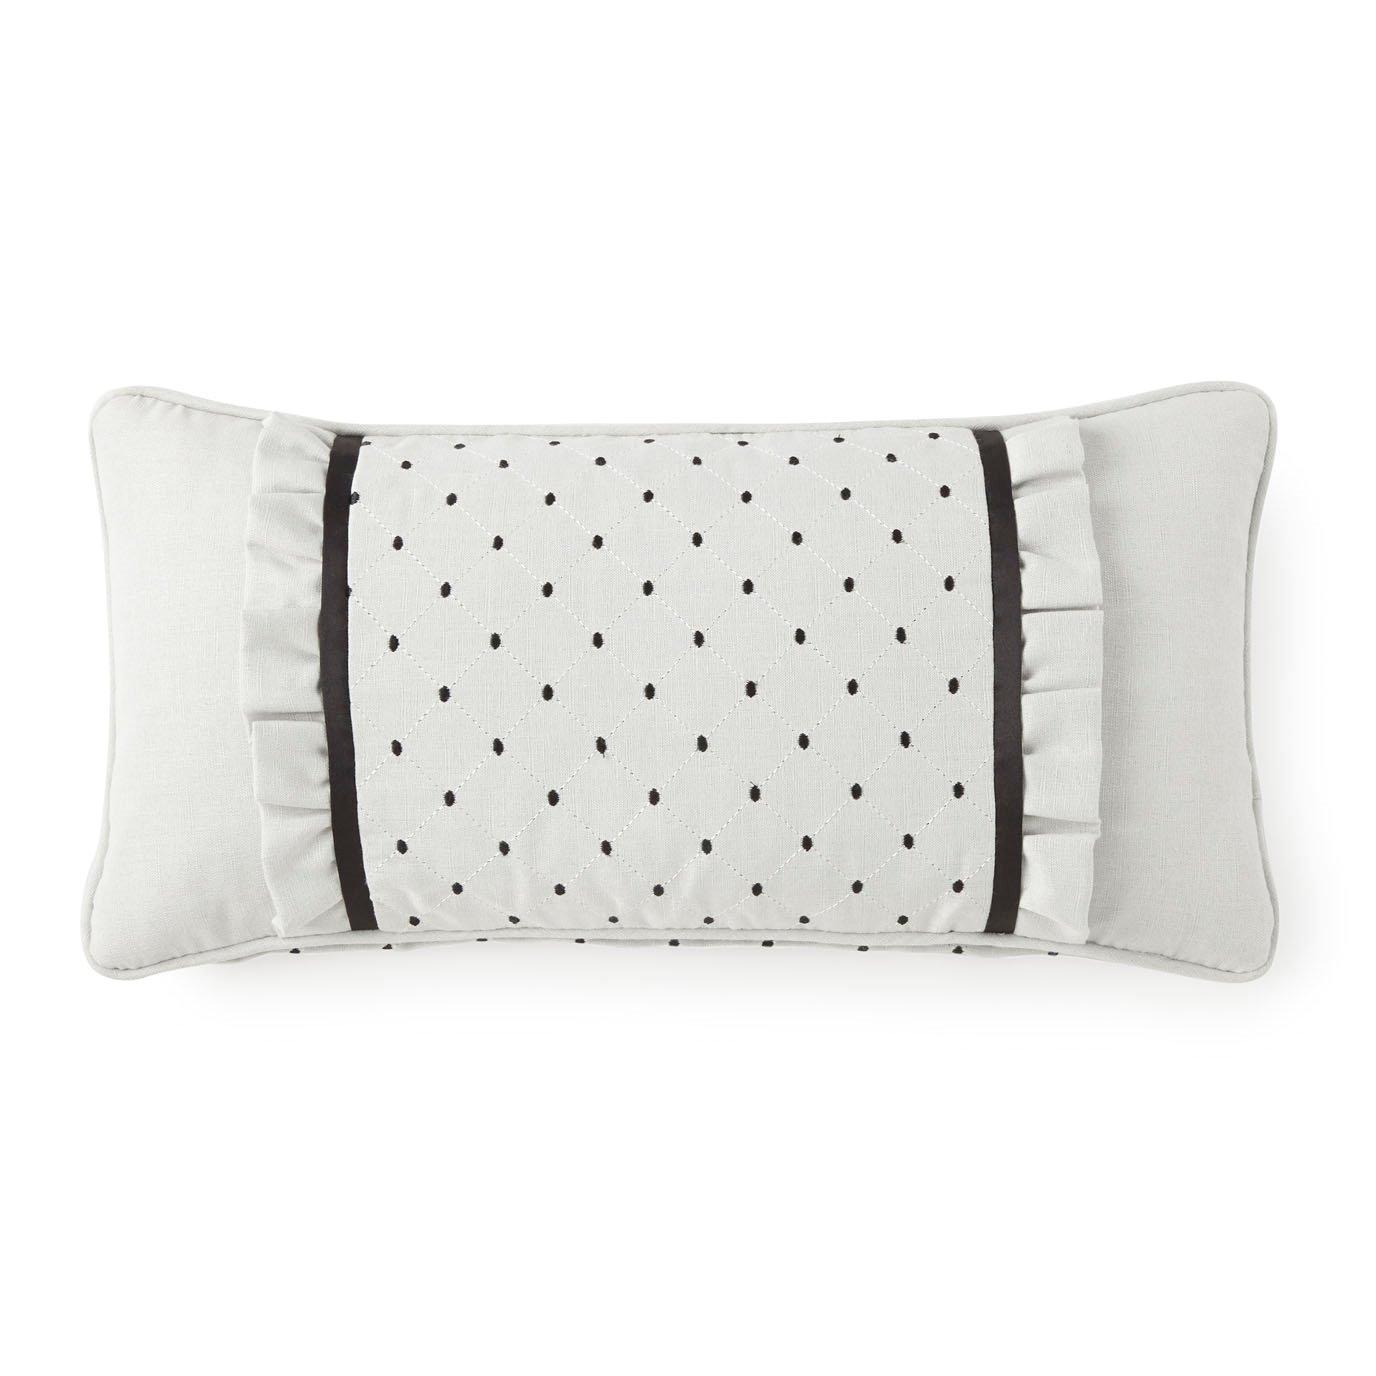 Valencia 11X22 Pillow